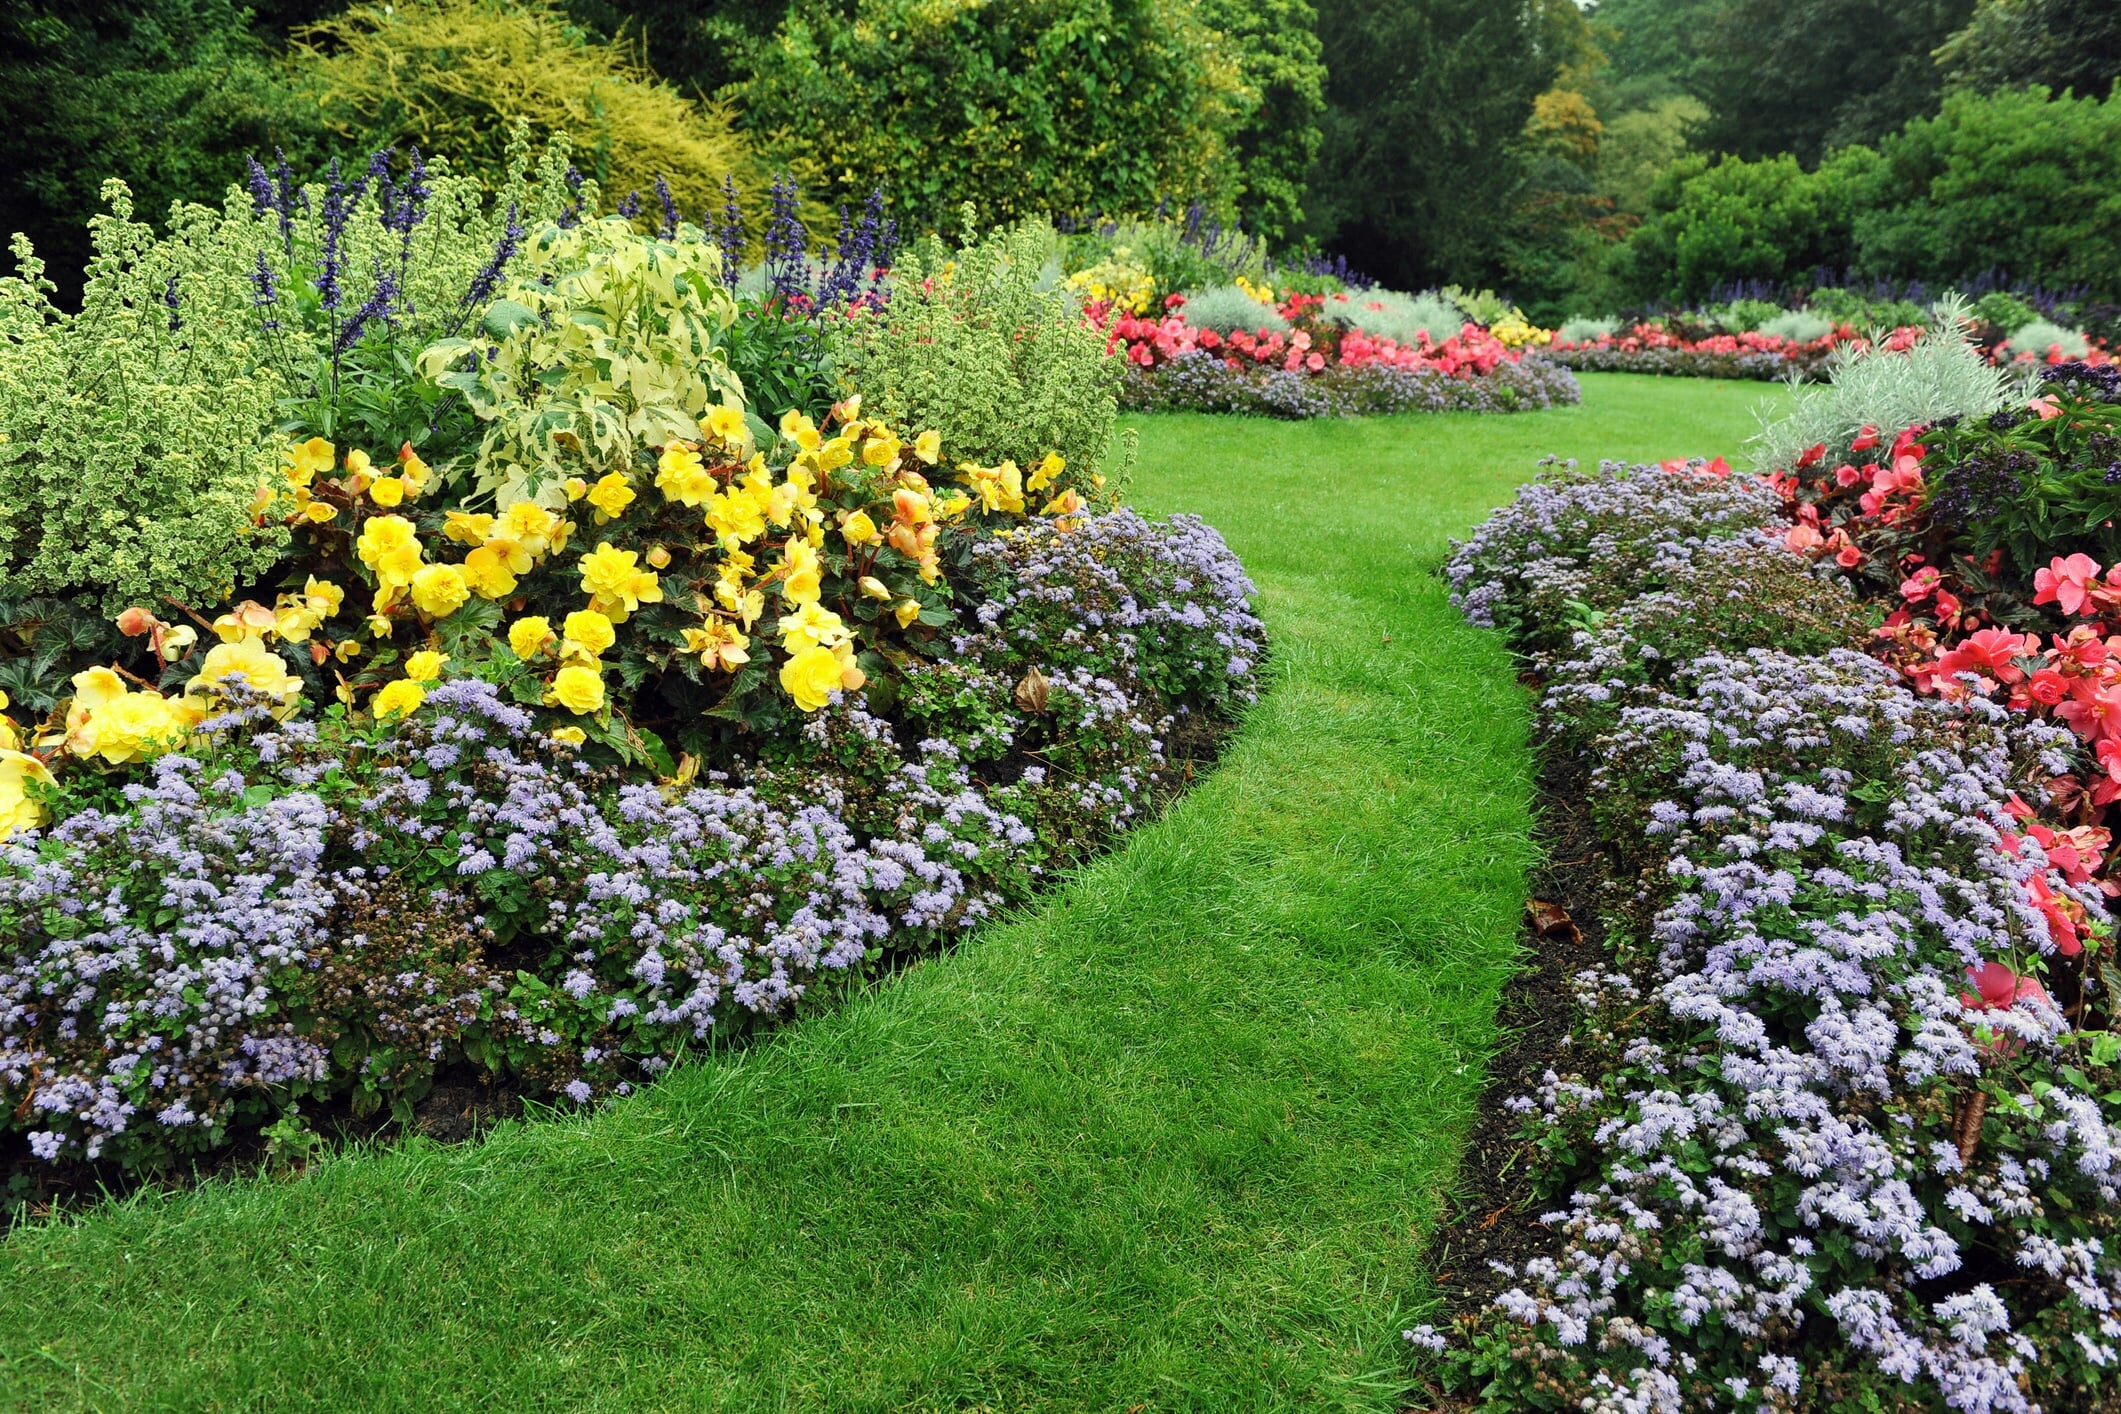 Shamrock's Nursery & Landscaping image 2